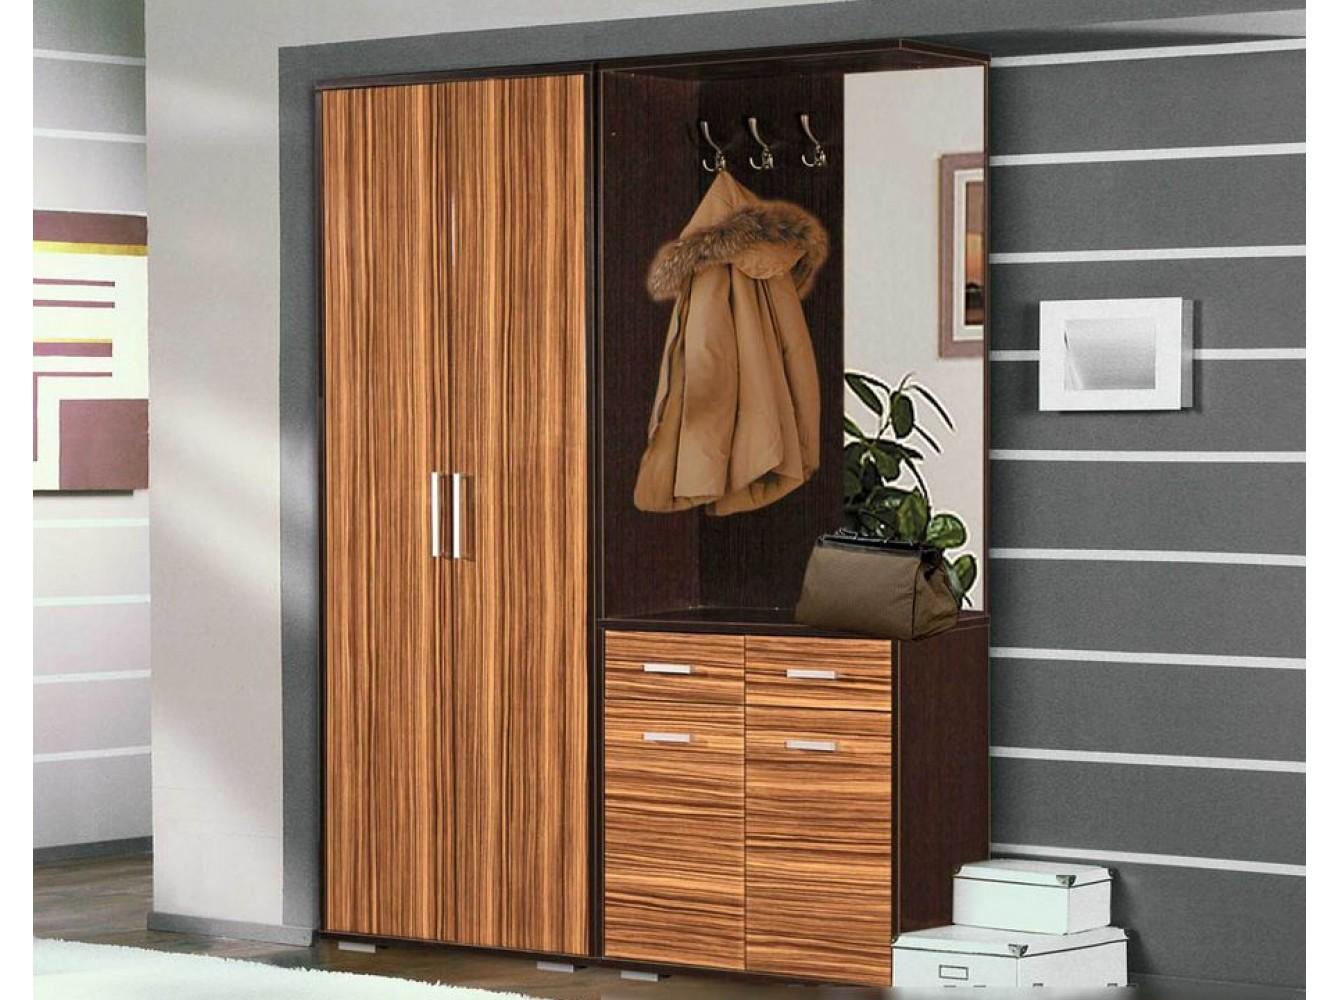 С помощью пленки можно легко «перекрасить» мебель